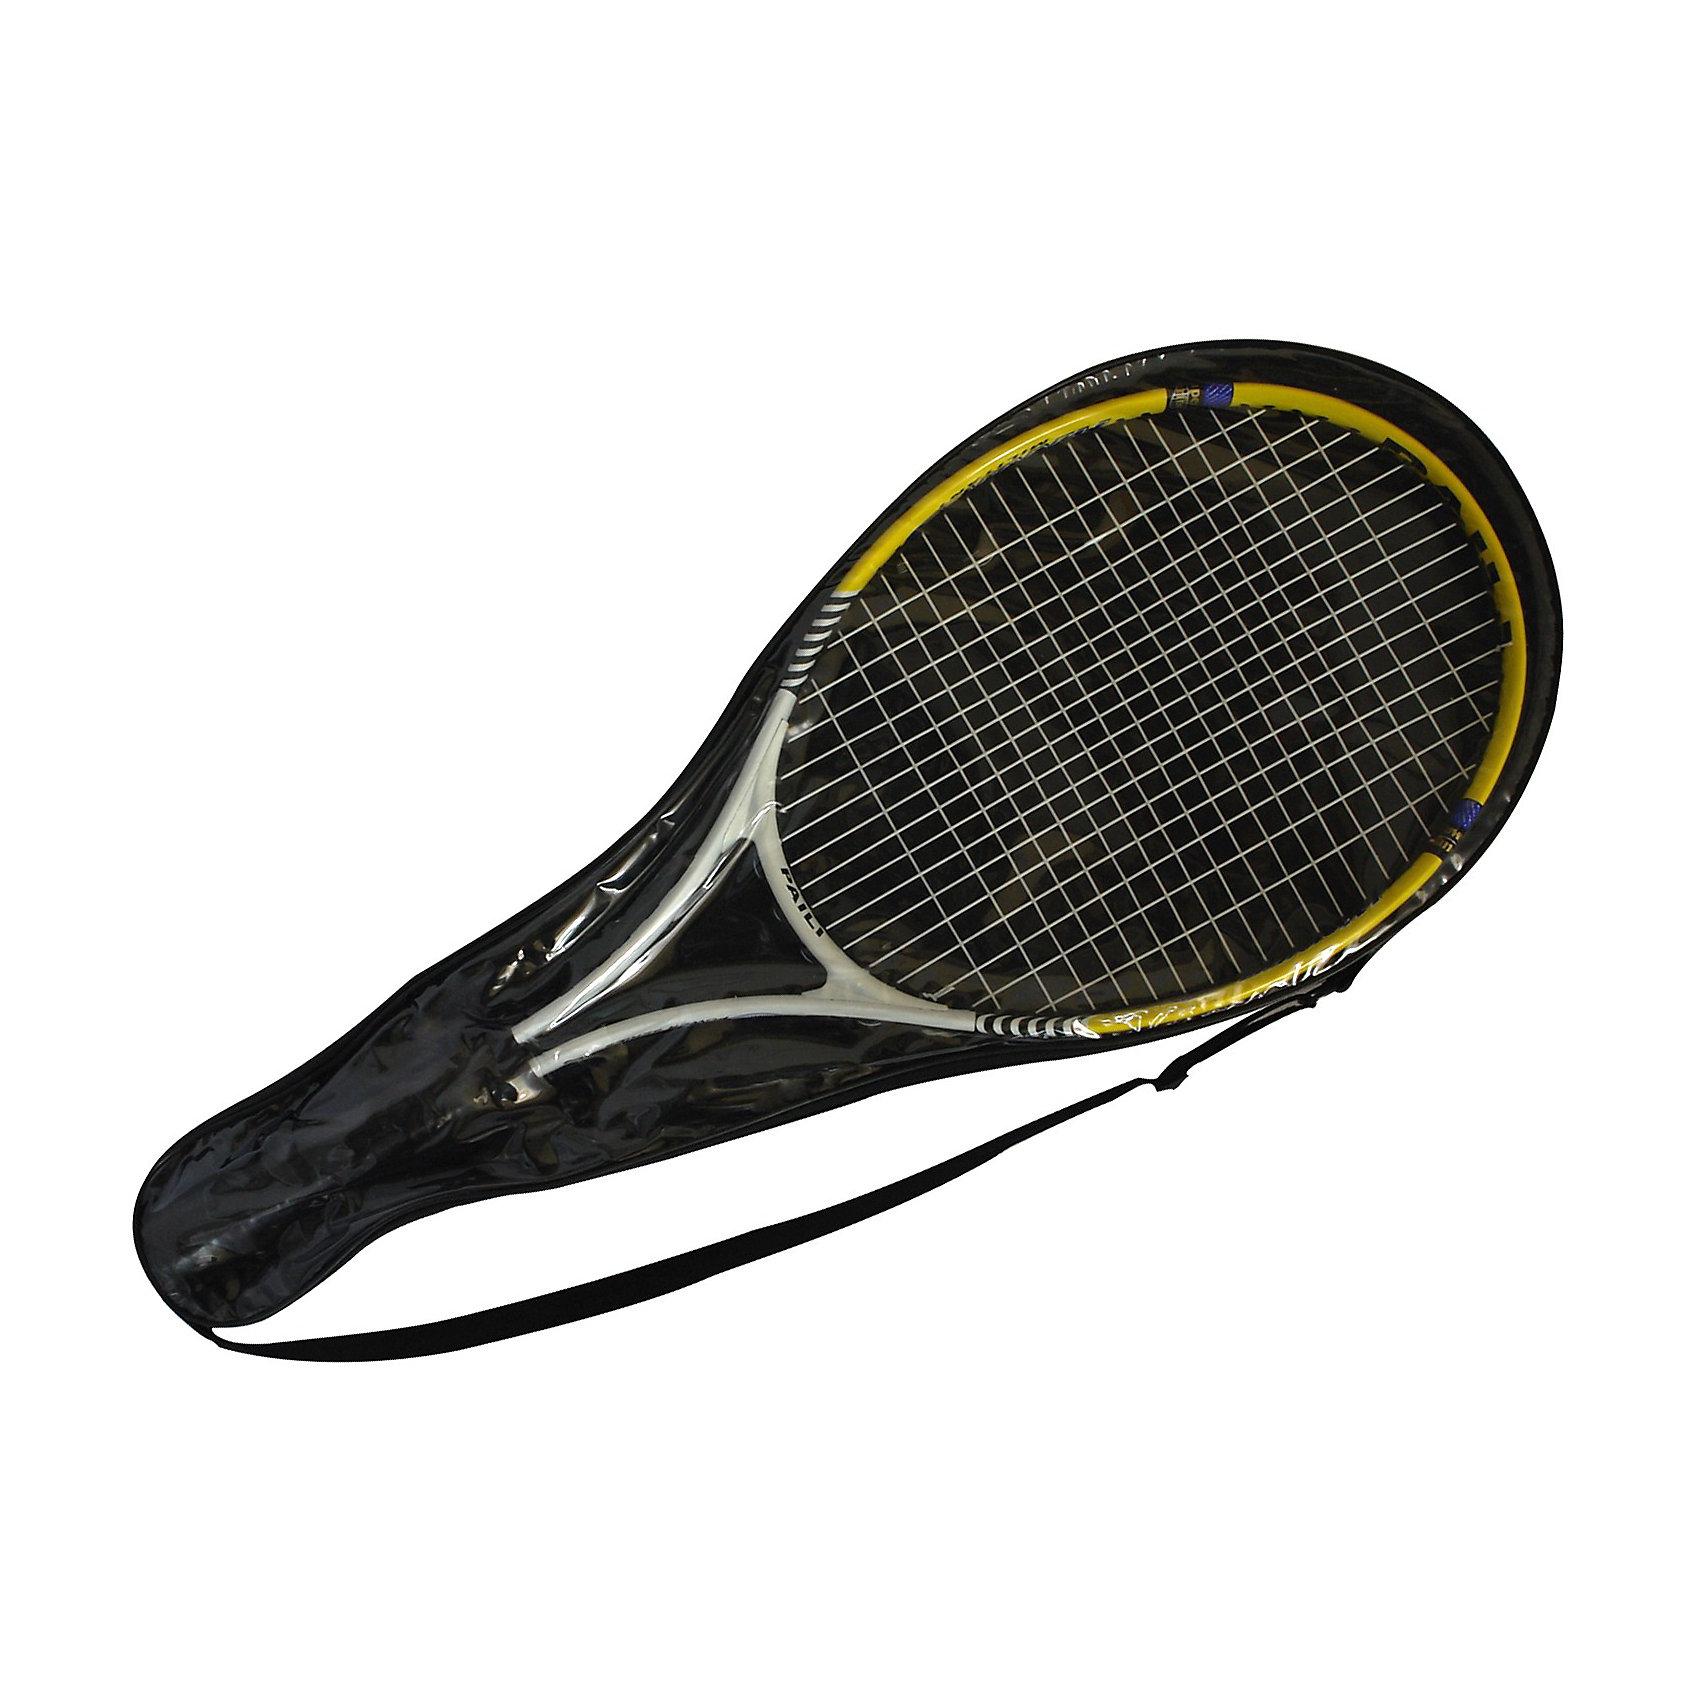 Ракетка для игры в теннис,  EcosРакетка для игры в большой теннис,  Ecos. Легкая и удобная ракетка упакована в специальный чехол для переноски. Прекрасно подойдет для начинающих спортсменов.<br><br>Дополнительная информация:<br><br>-Комплектация: 1 ракетка в чехле<br>-Материал: алюминий<br>-Размеры: 67,50 х 26,5 см<br>-Вес в ед. упаковке: 350 г<br><br>Ракетку для игры в теннис,  Ecos можно купить в нашем магазине<br><br>Ширина мм: 693<br>Глубина мм: 305<br>Высота мм: 45<br>Вес г: 404<br>Возраст от месяцев: 84<br>Возраст до месяцев: 192<br>Пол: Унисекс<br>Возраст: Детский<br>SKU: 3806387